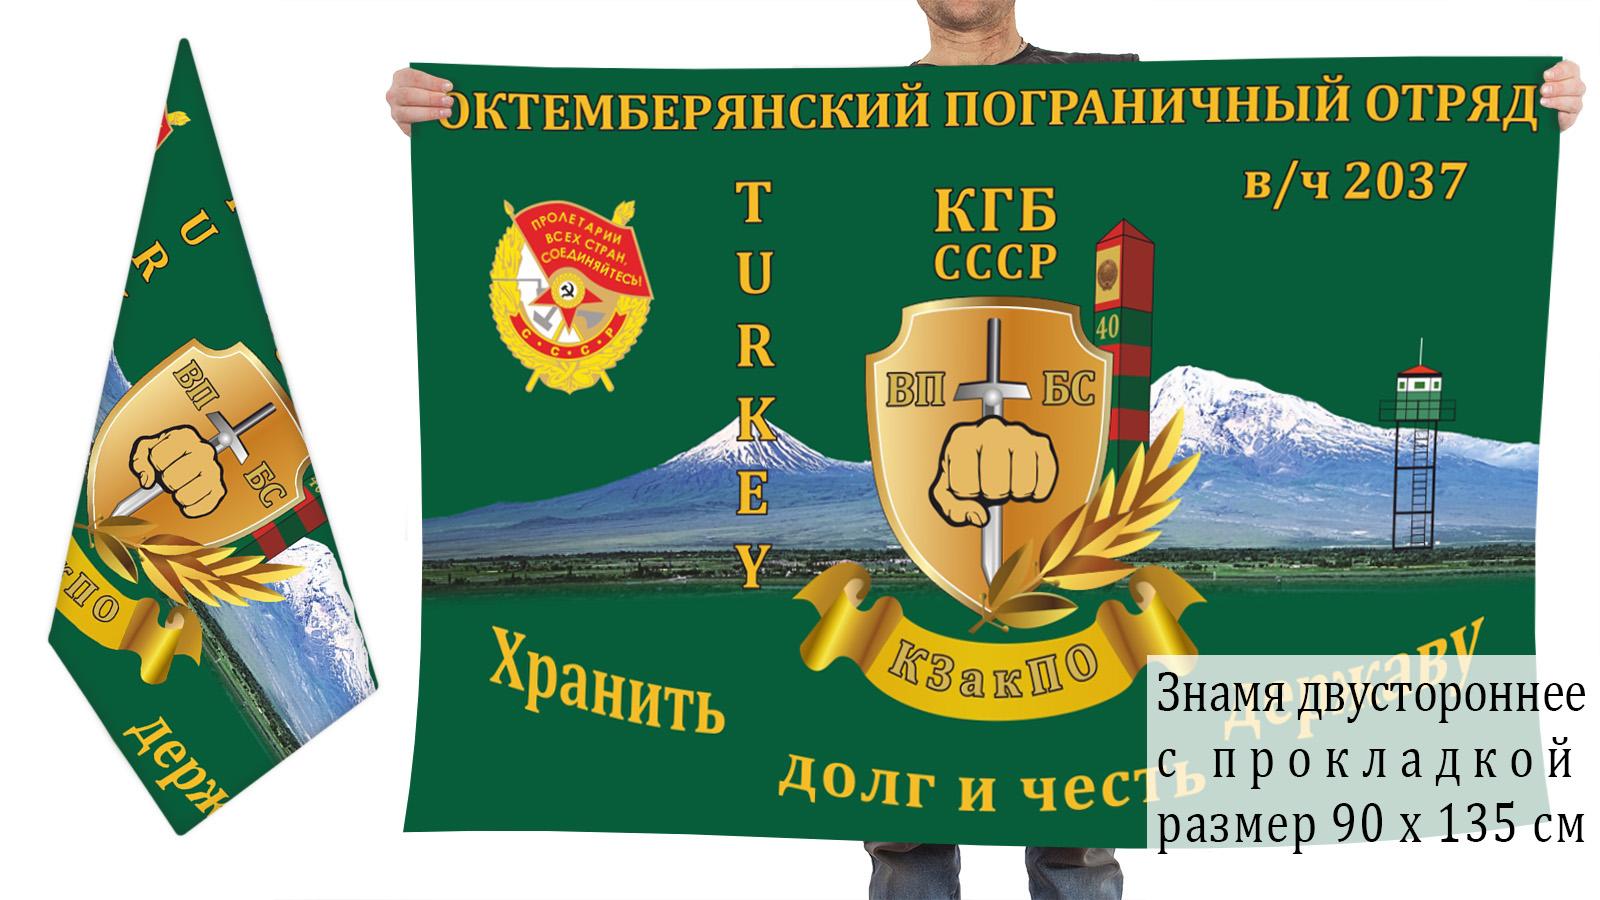 Двусторонний флаг 40 Октемберянского погранотряда